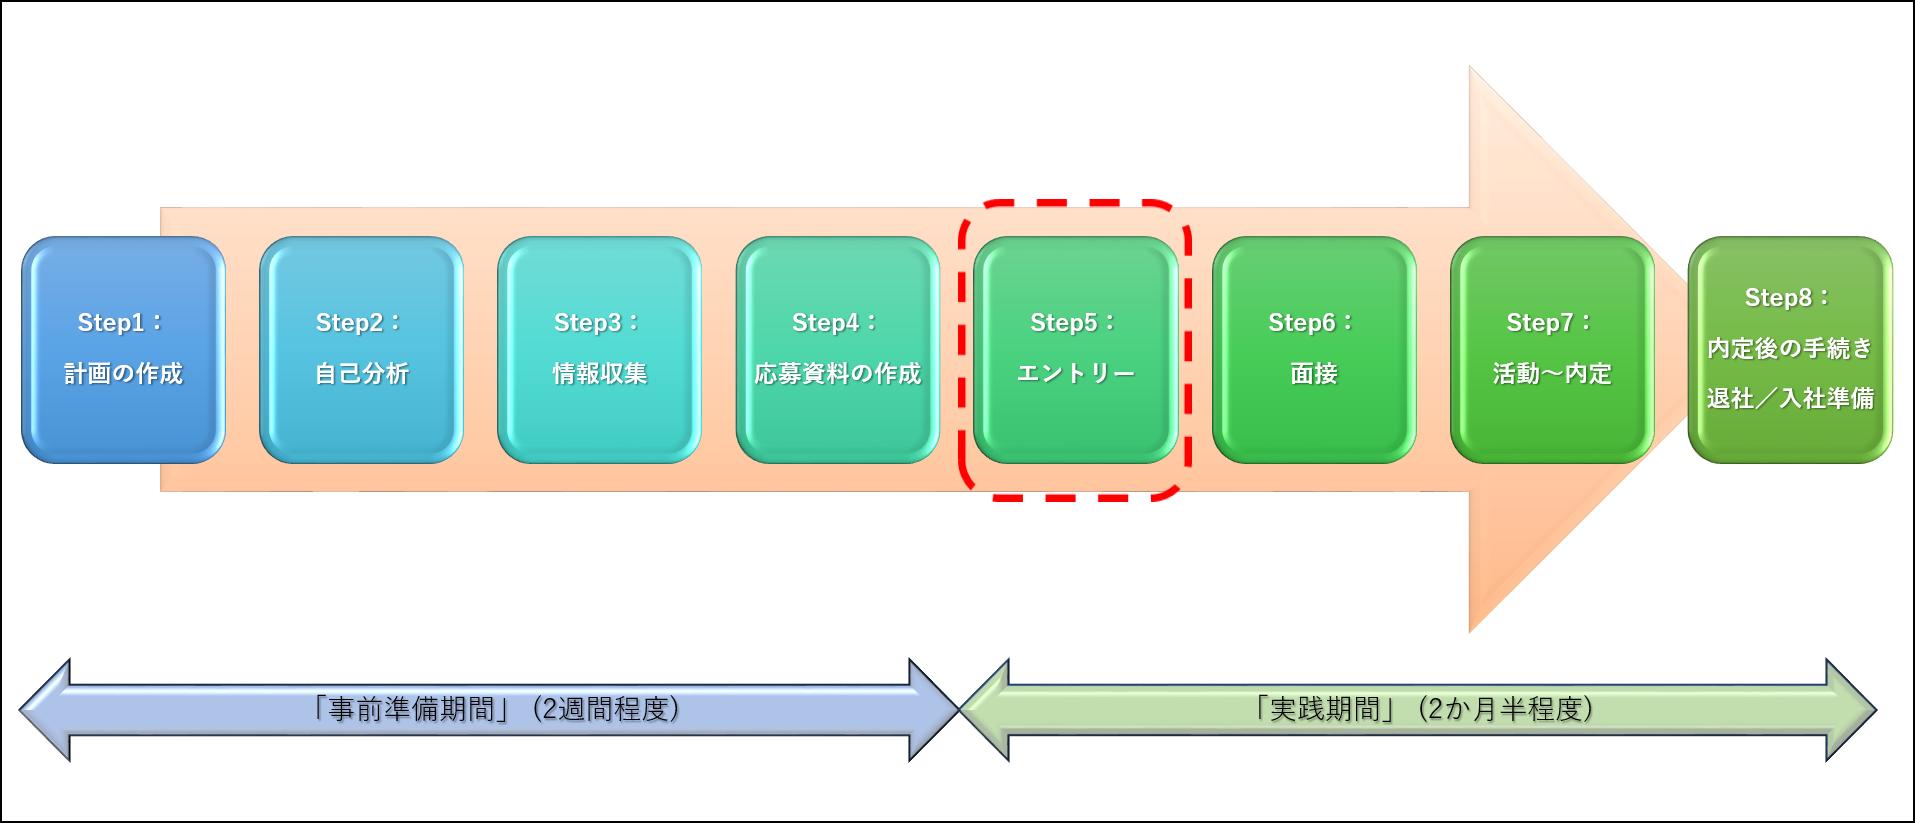 転職活動の「エントリー」イメージ図